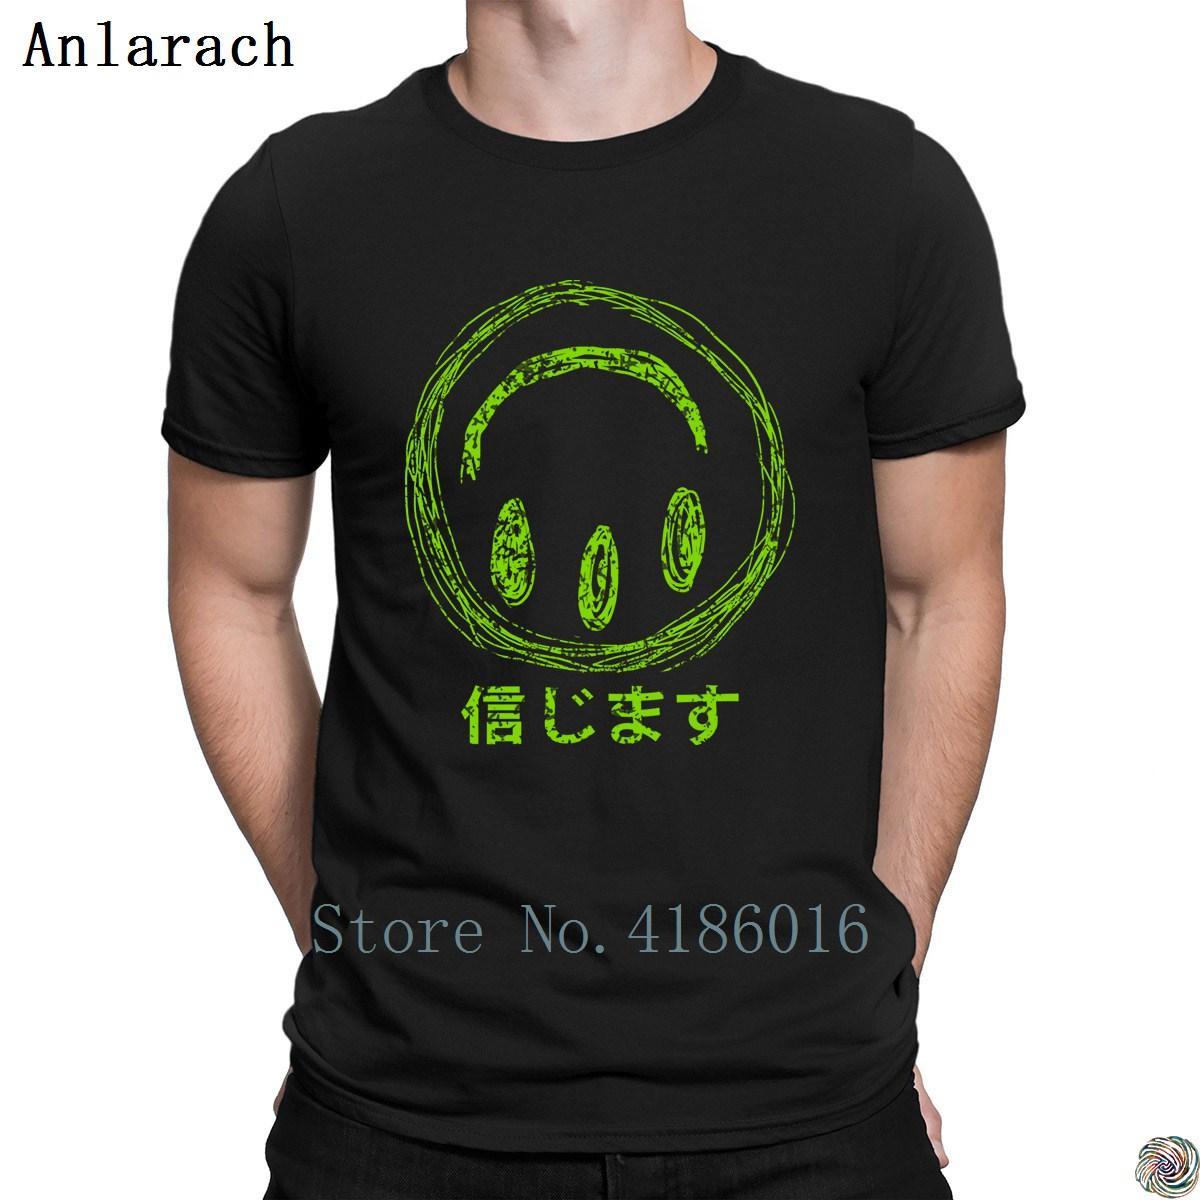 Ich will, T-Shirts der neuen Art-Sommer-Art-Fit Buchstaben T-Shirt für Männer personifizierten männlichen Hip-Hop-O-Ausschnitt Believe